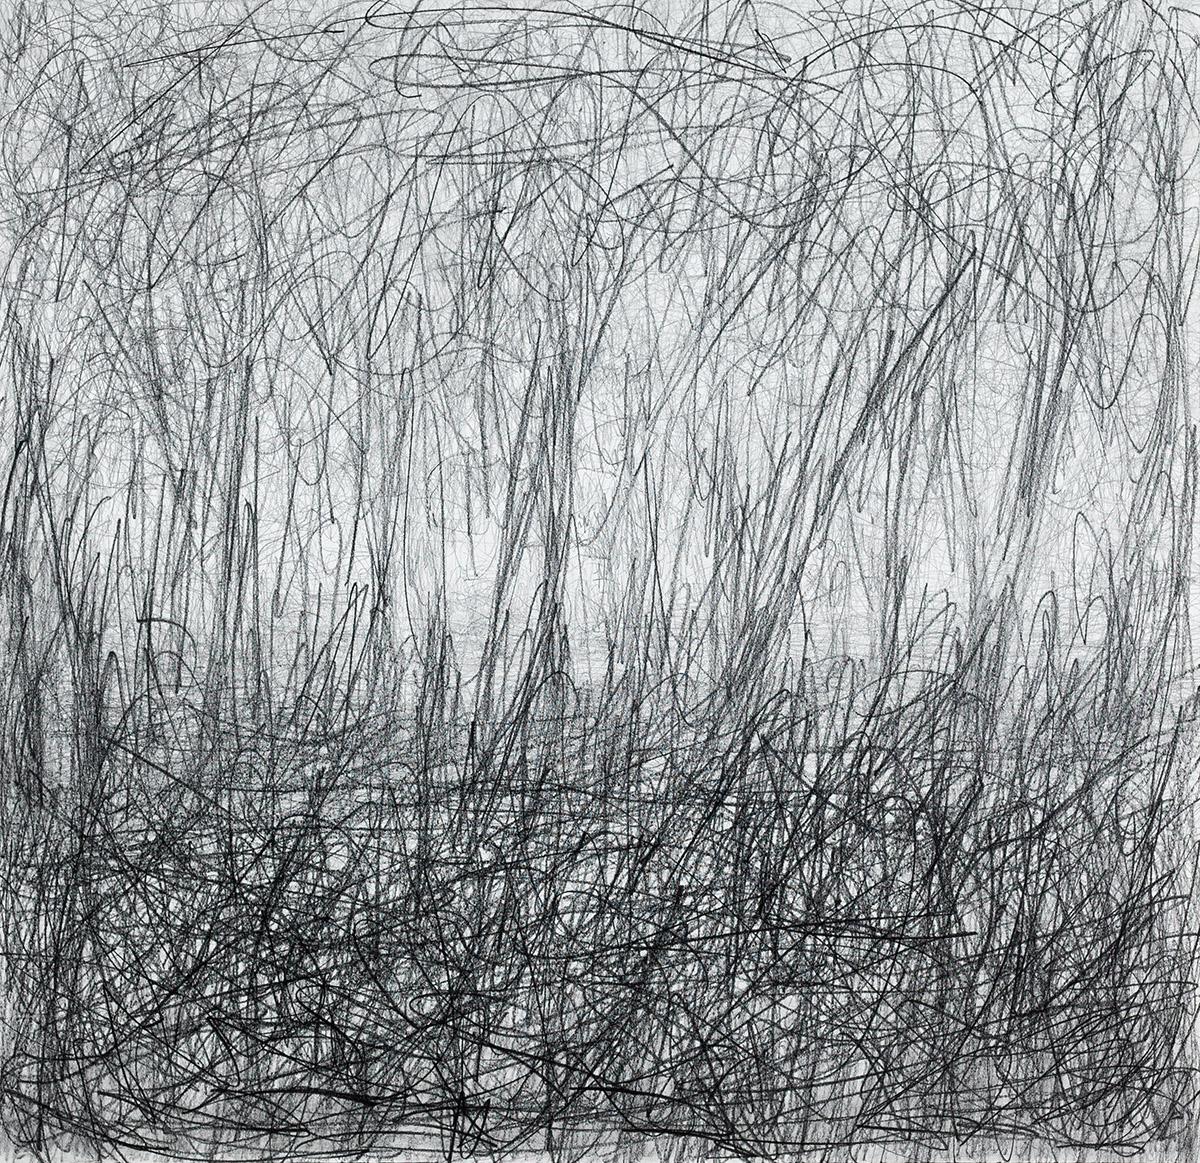 Landscape - Spring